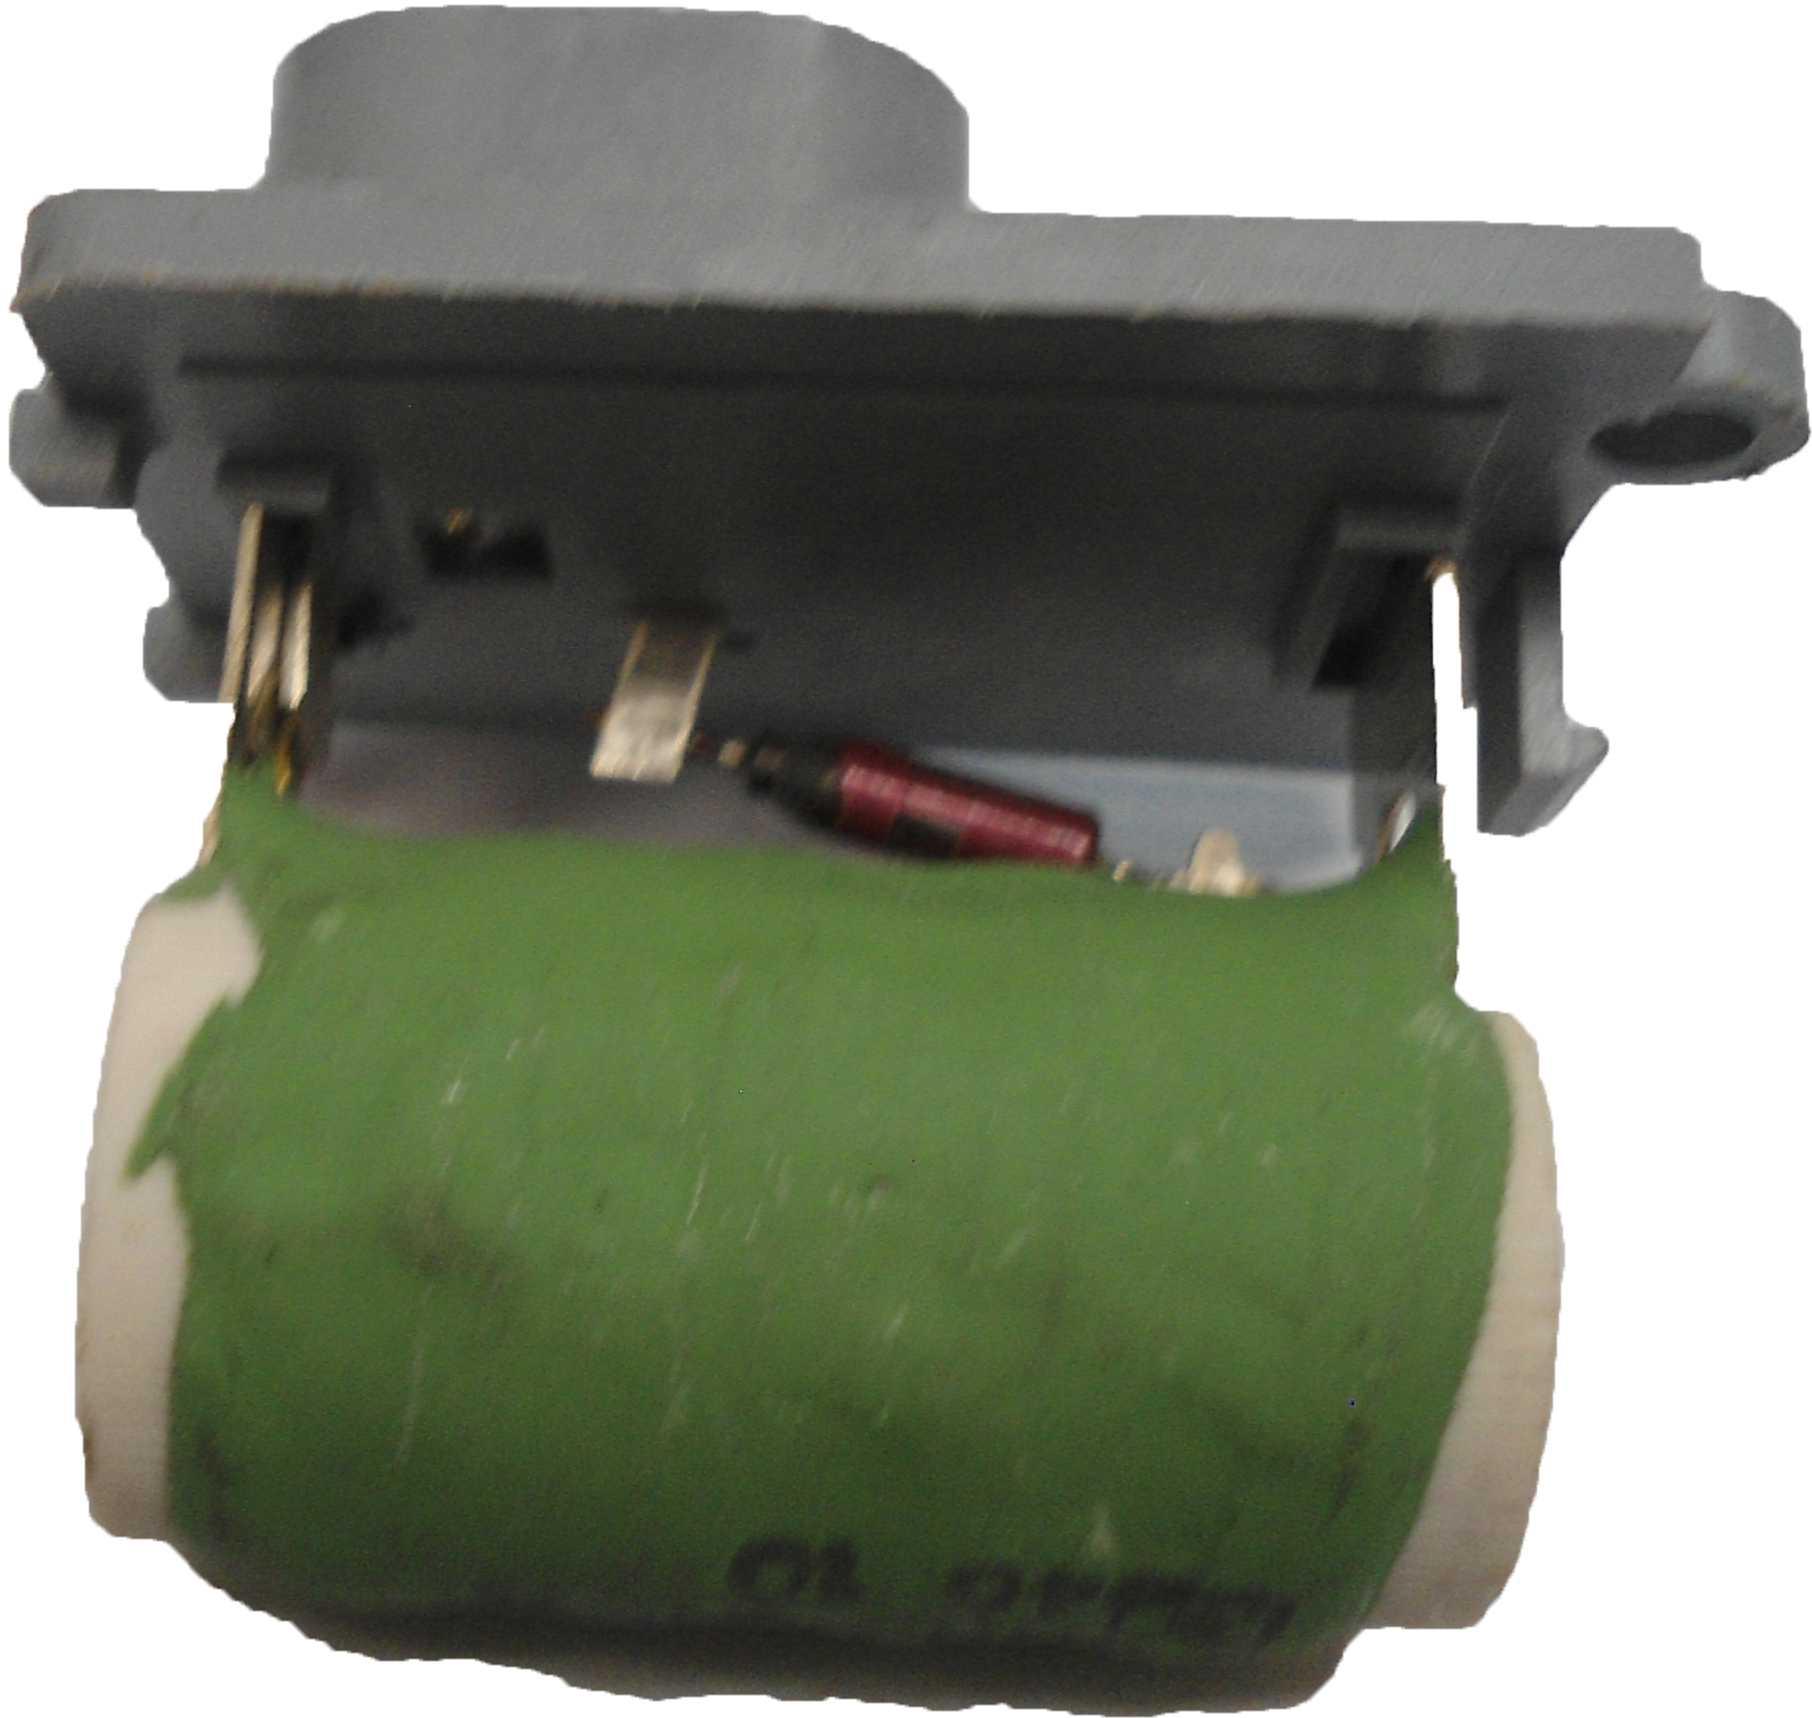 Resistencia Eletroventilador - Uno Evo/Palio 12/Grand Uno Evo/Palio 12>/Grand Siena 1.0/1.4 *Sist.valeo* Oem-51846314